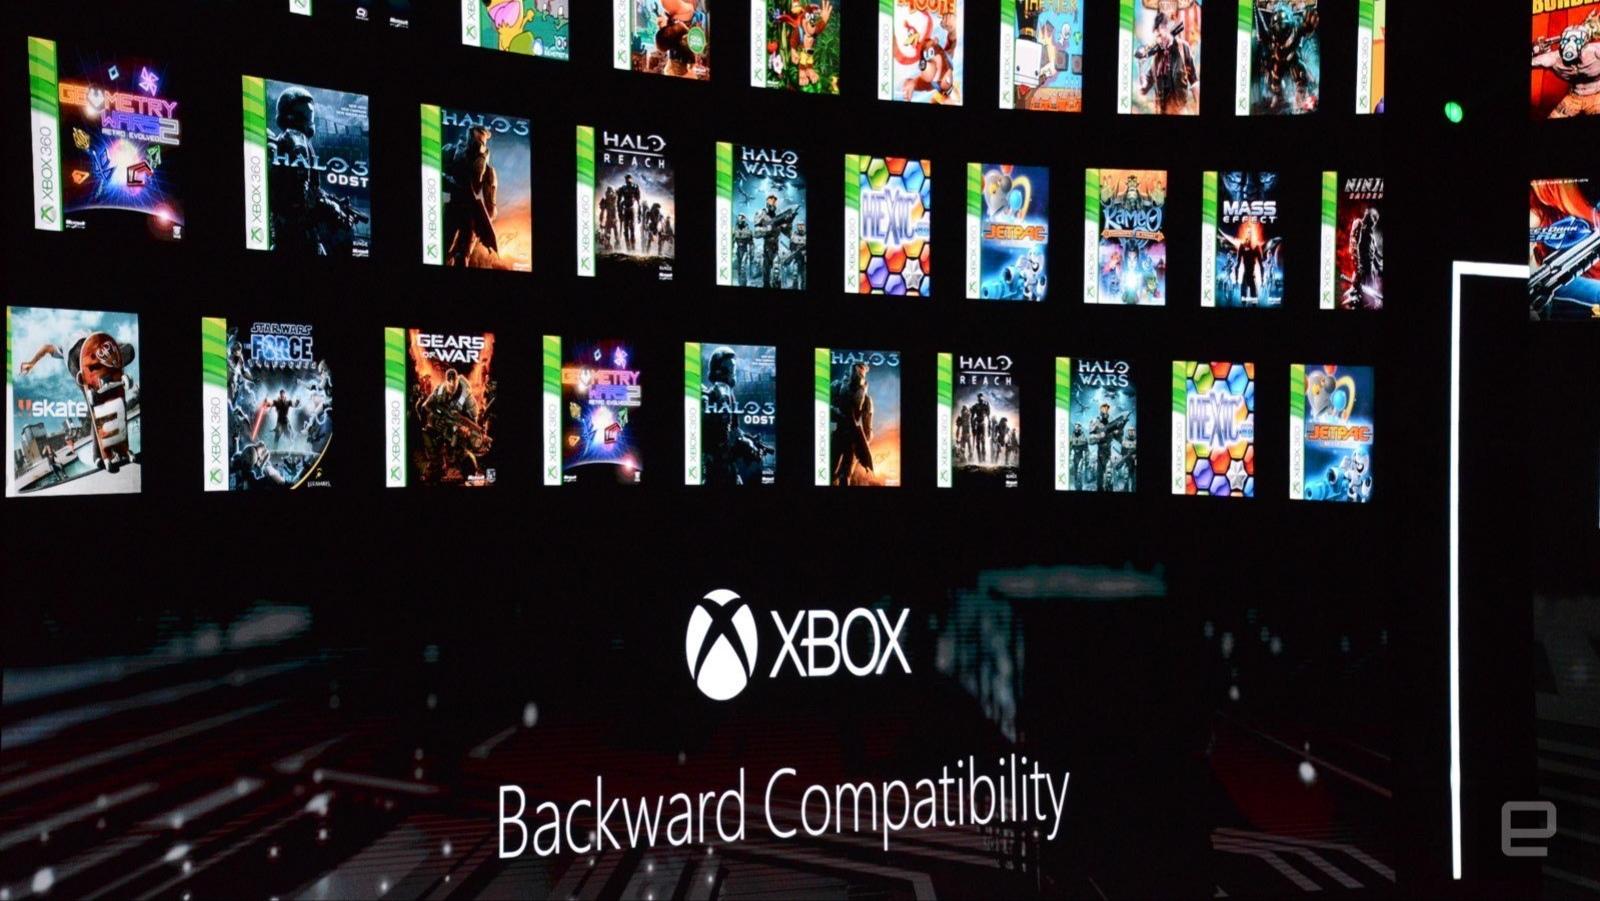 Představeny poslední hry, které míří do zpětně kompatibility konzole Xbox One